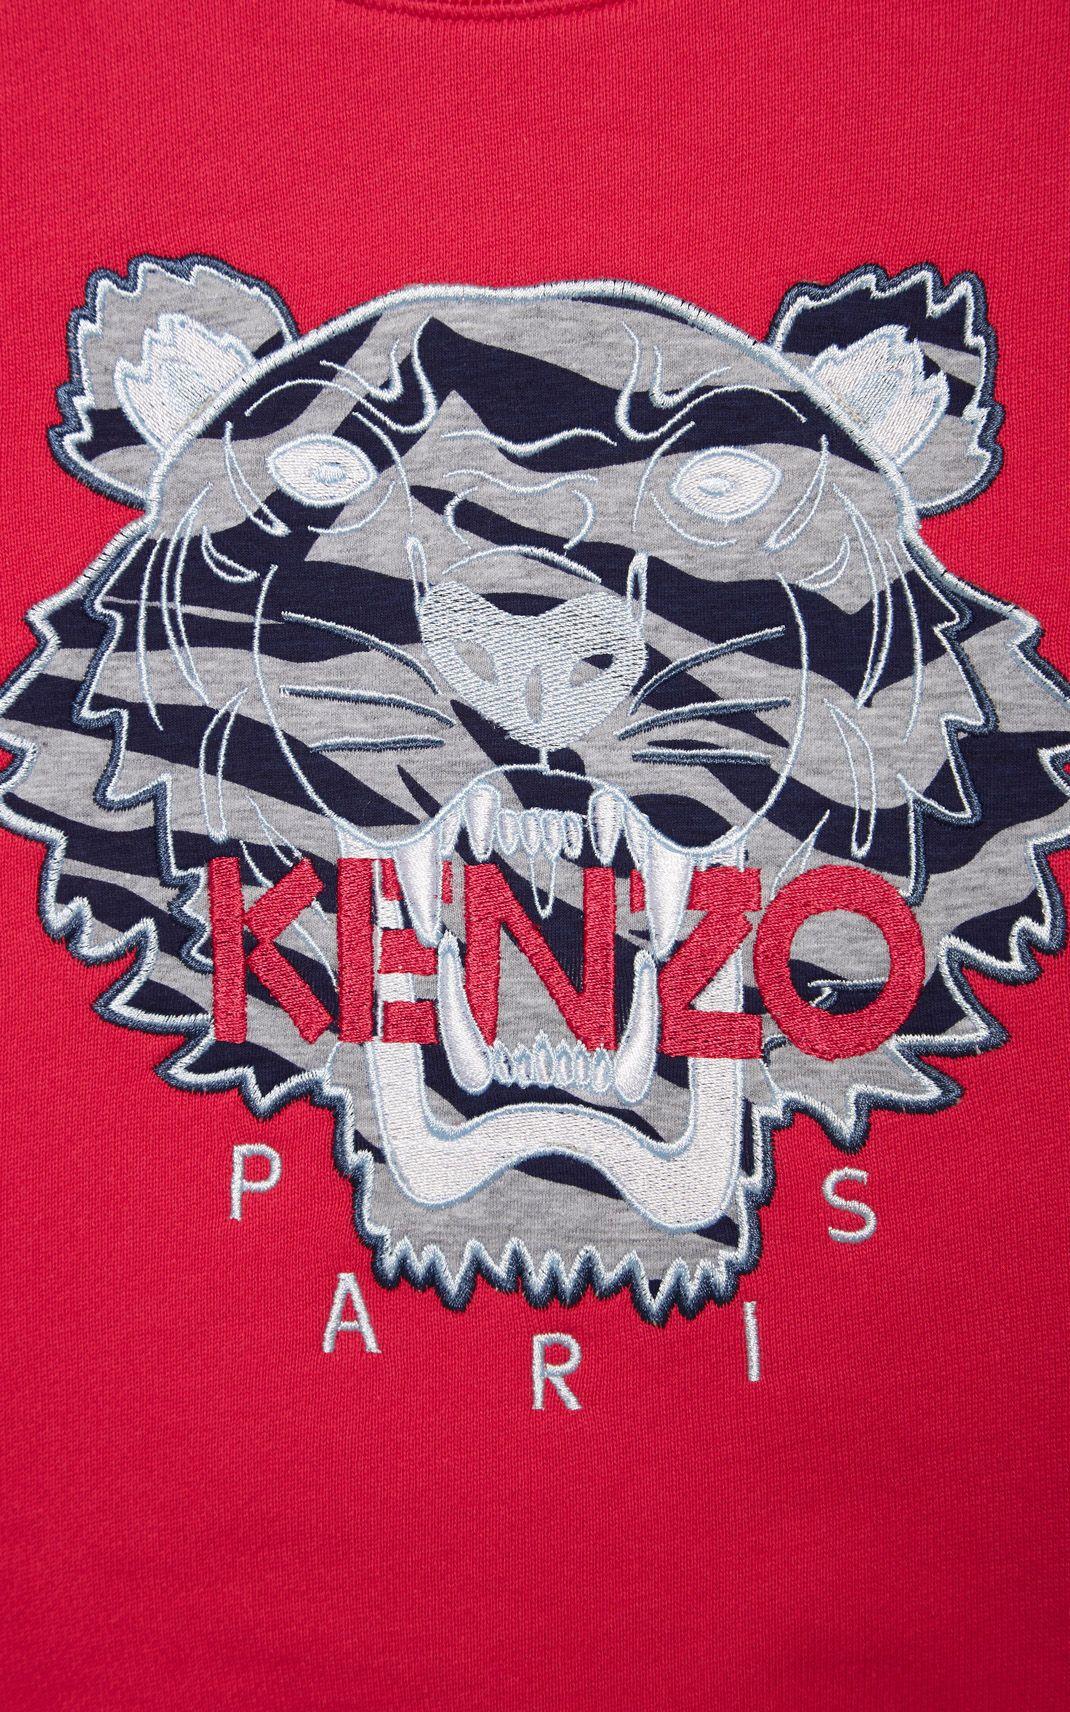 Pin on kenzo 1070x1712